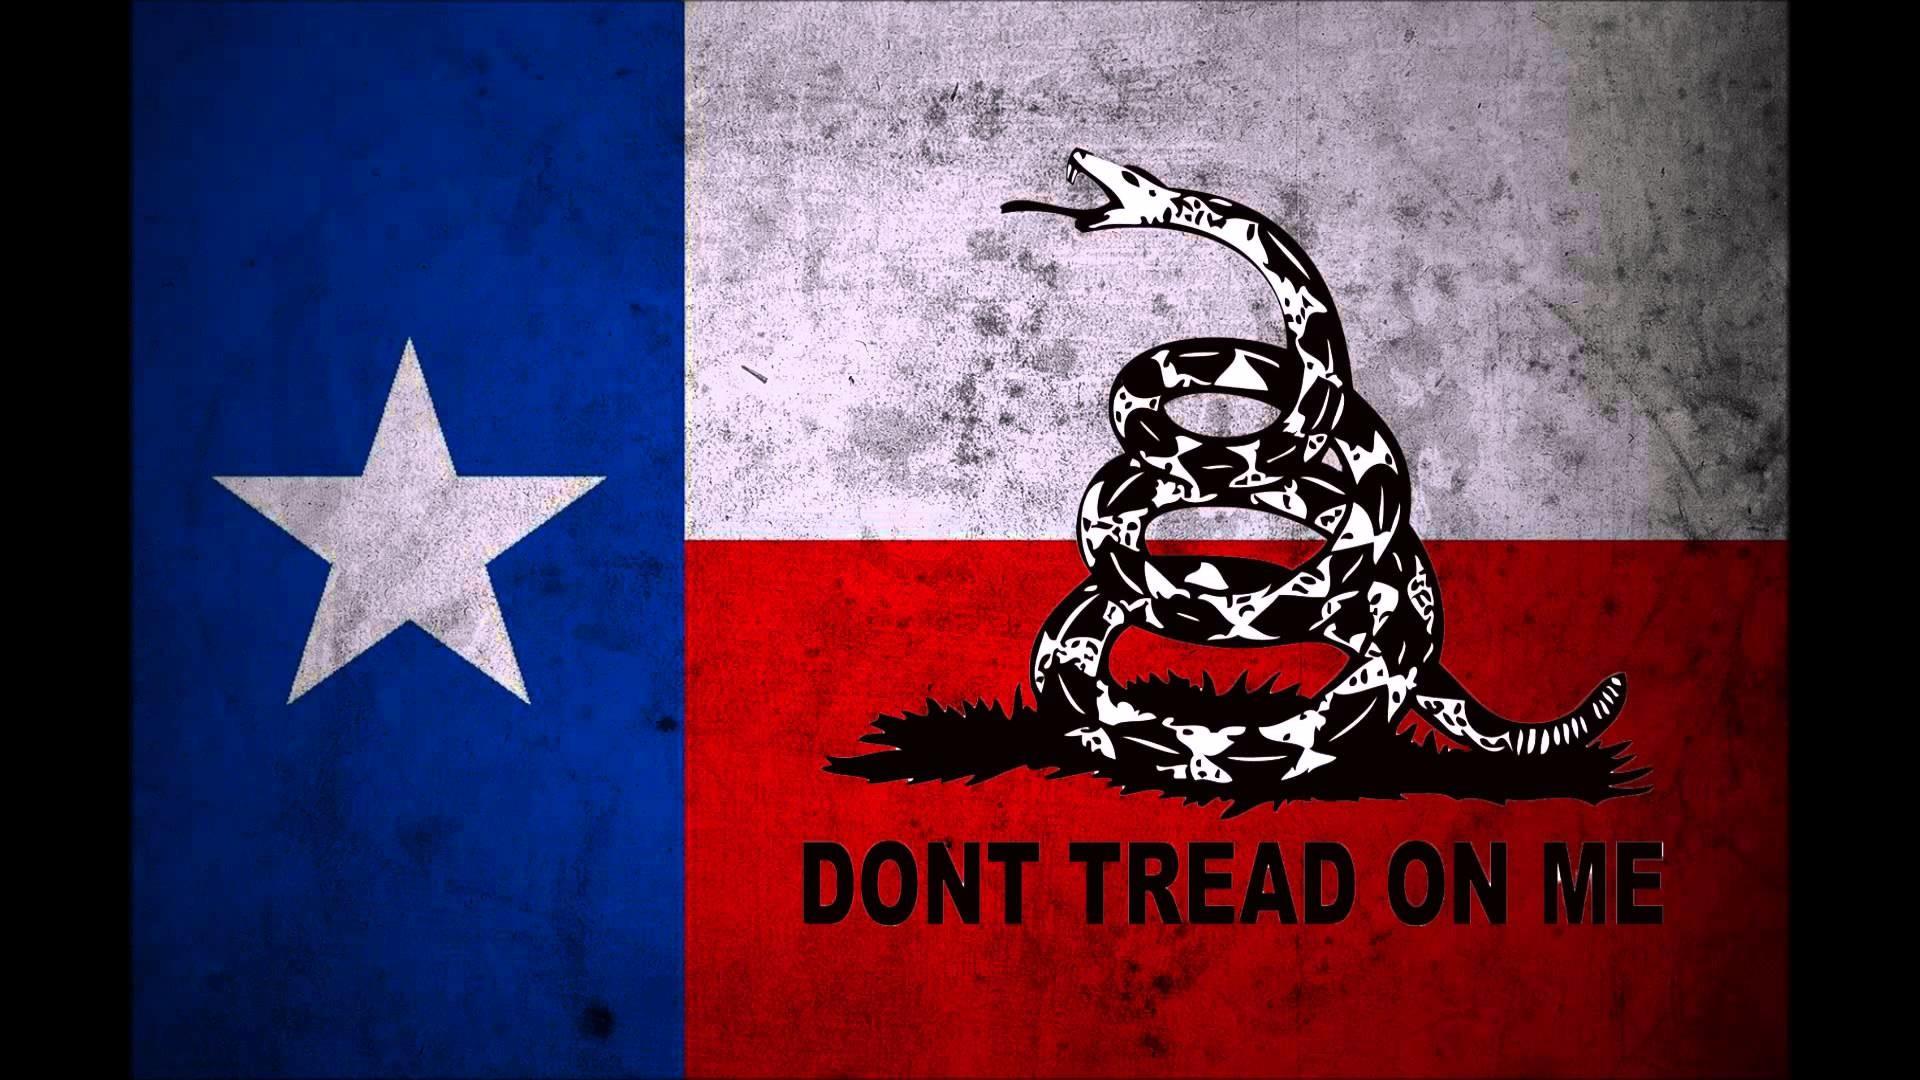 Charming 1920x1080 Texas Flag Wallpaper